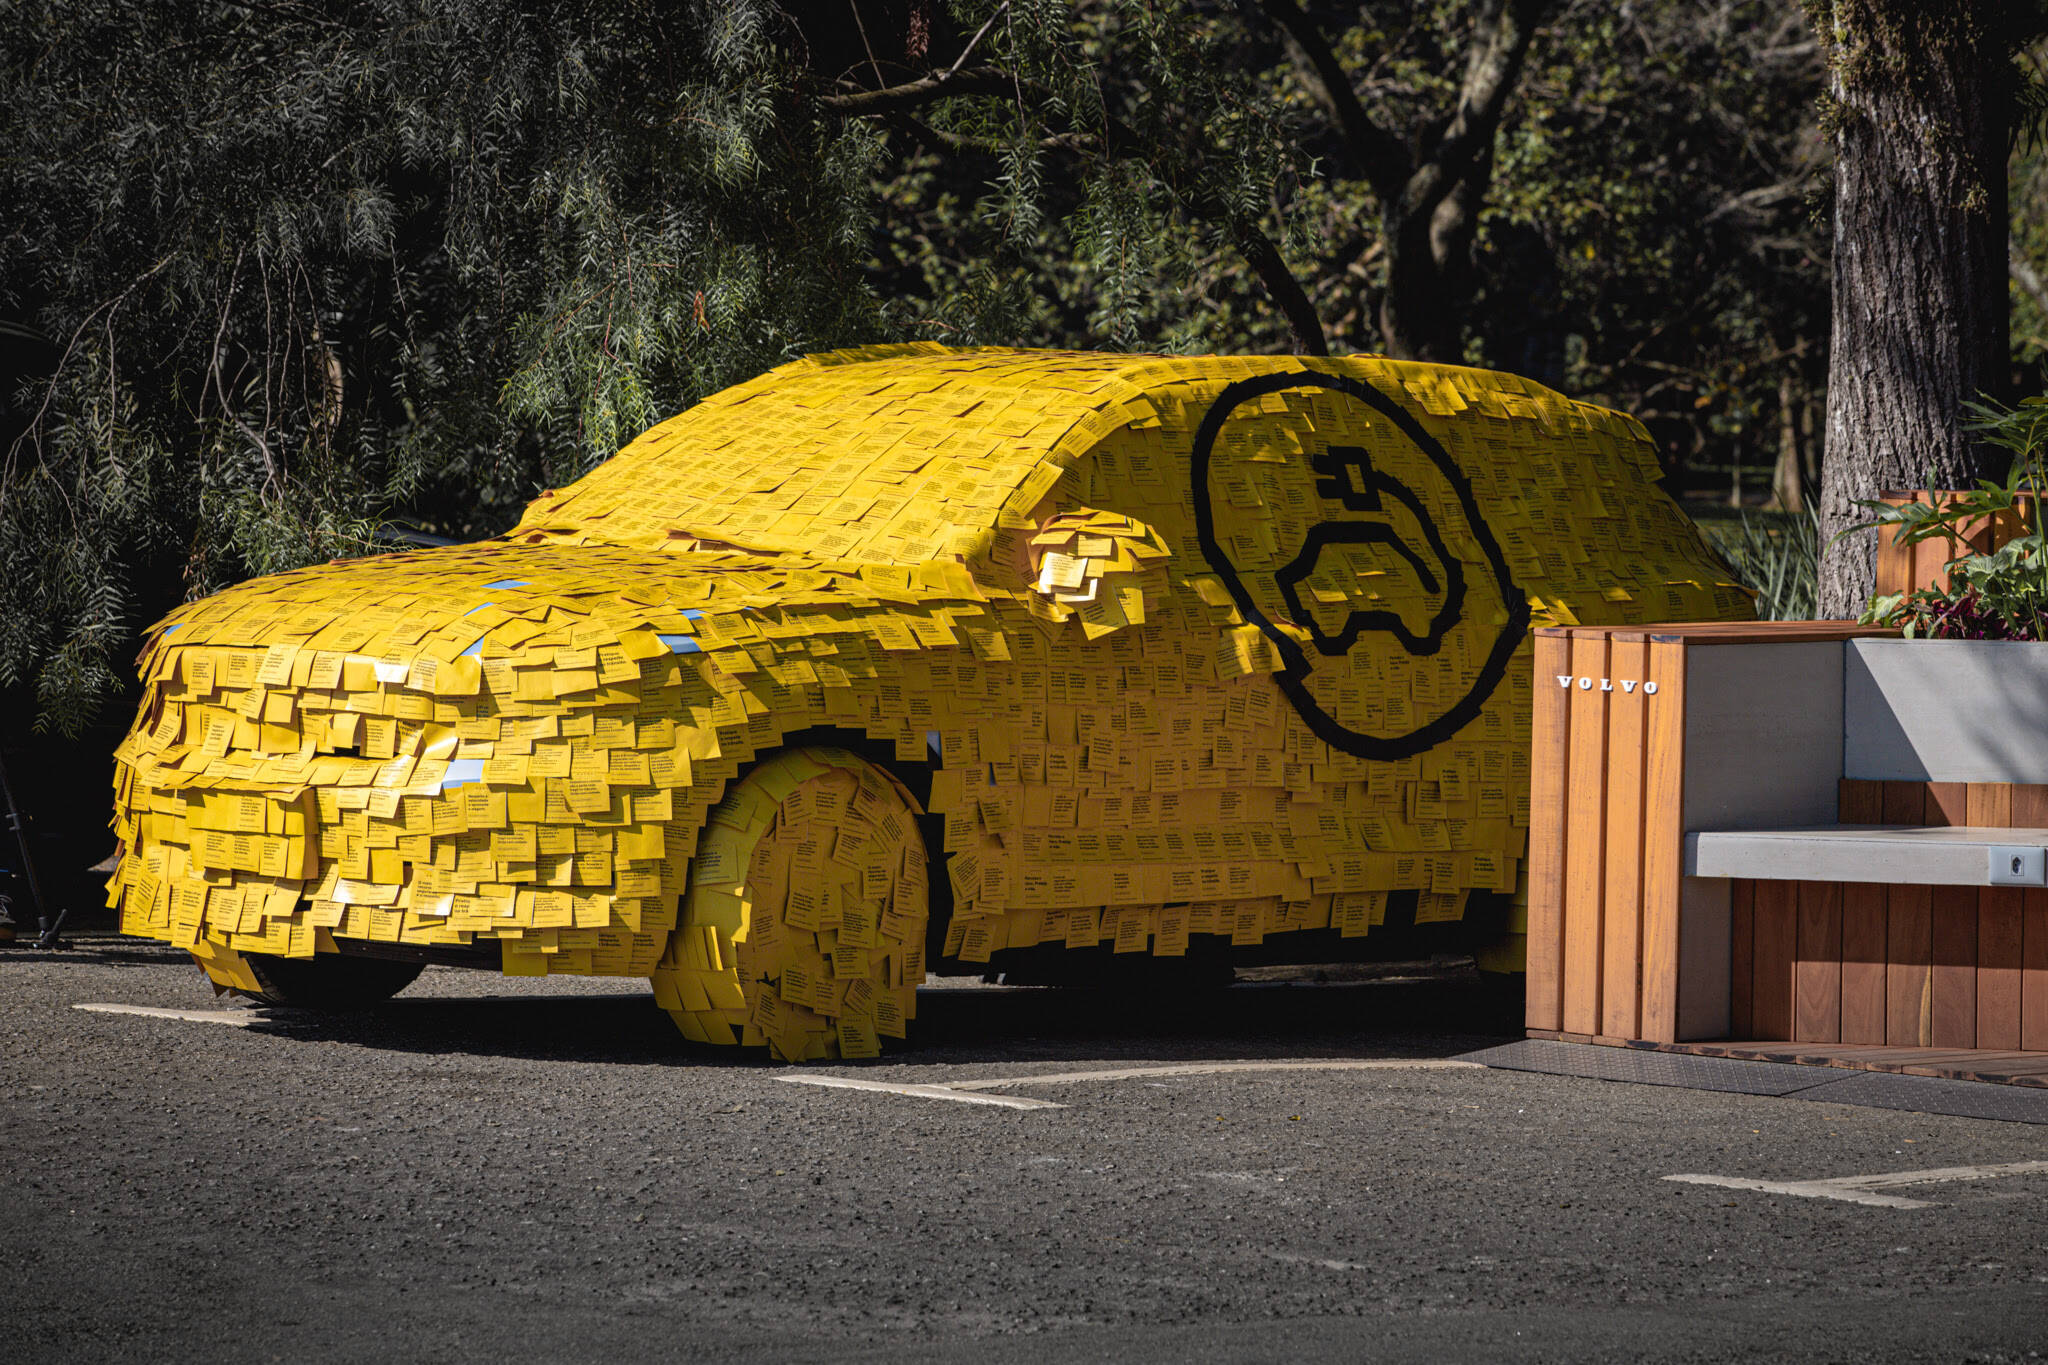 SUV ficará exposto por 12 meses no Parque Ibirapuera (Maio/21 à Maio/22).. Foto: Divulgação